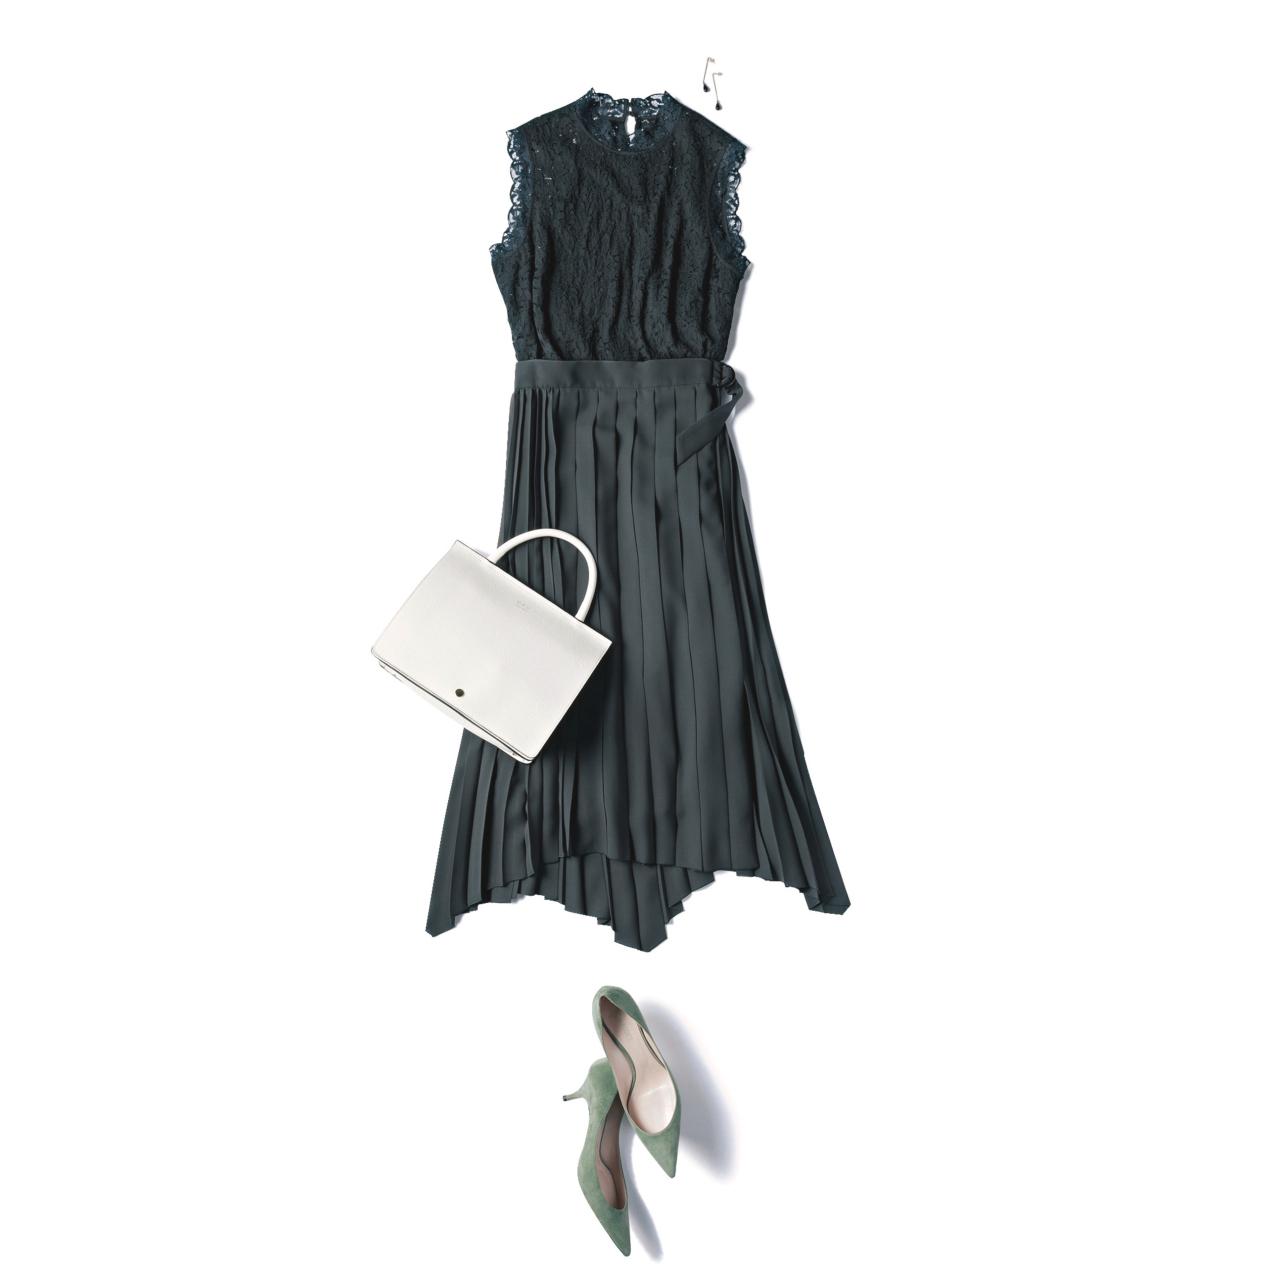 ブラックレースブラウス×ミディ丈のプリーツスカートコーデ